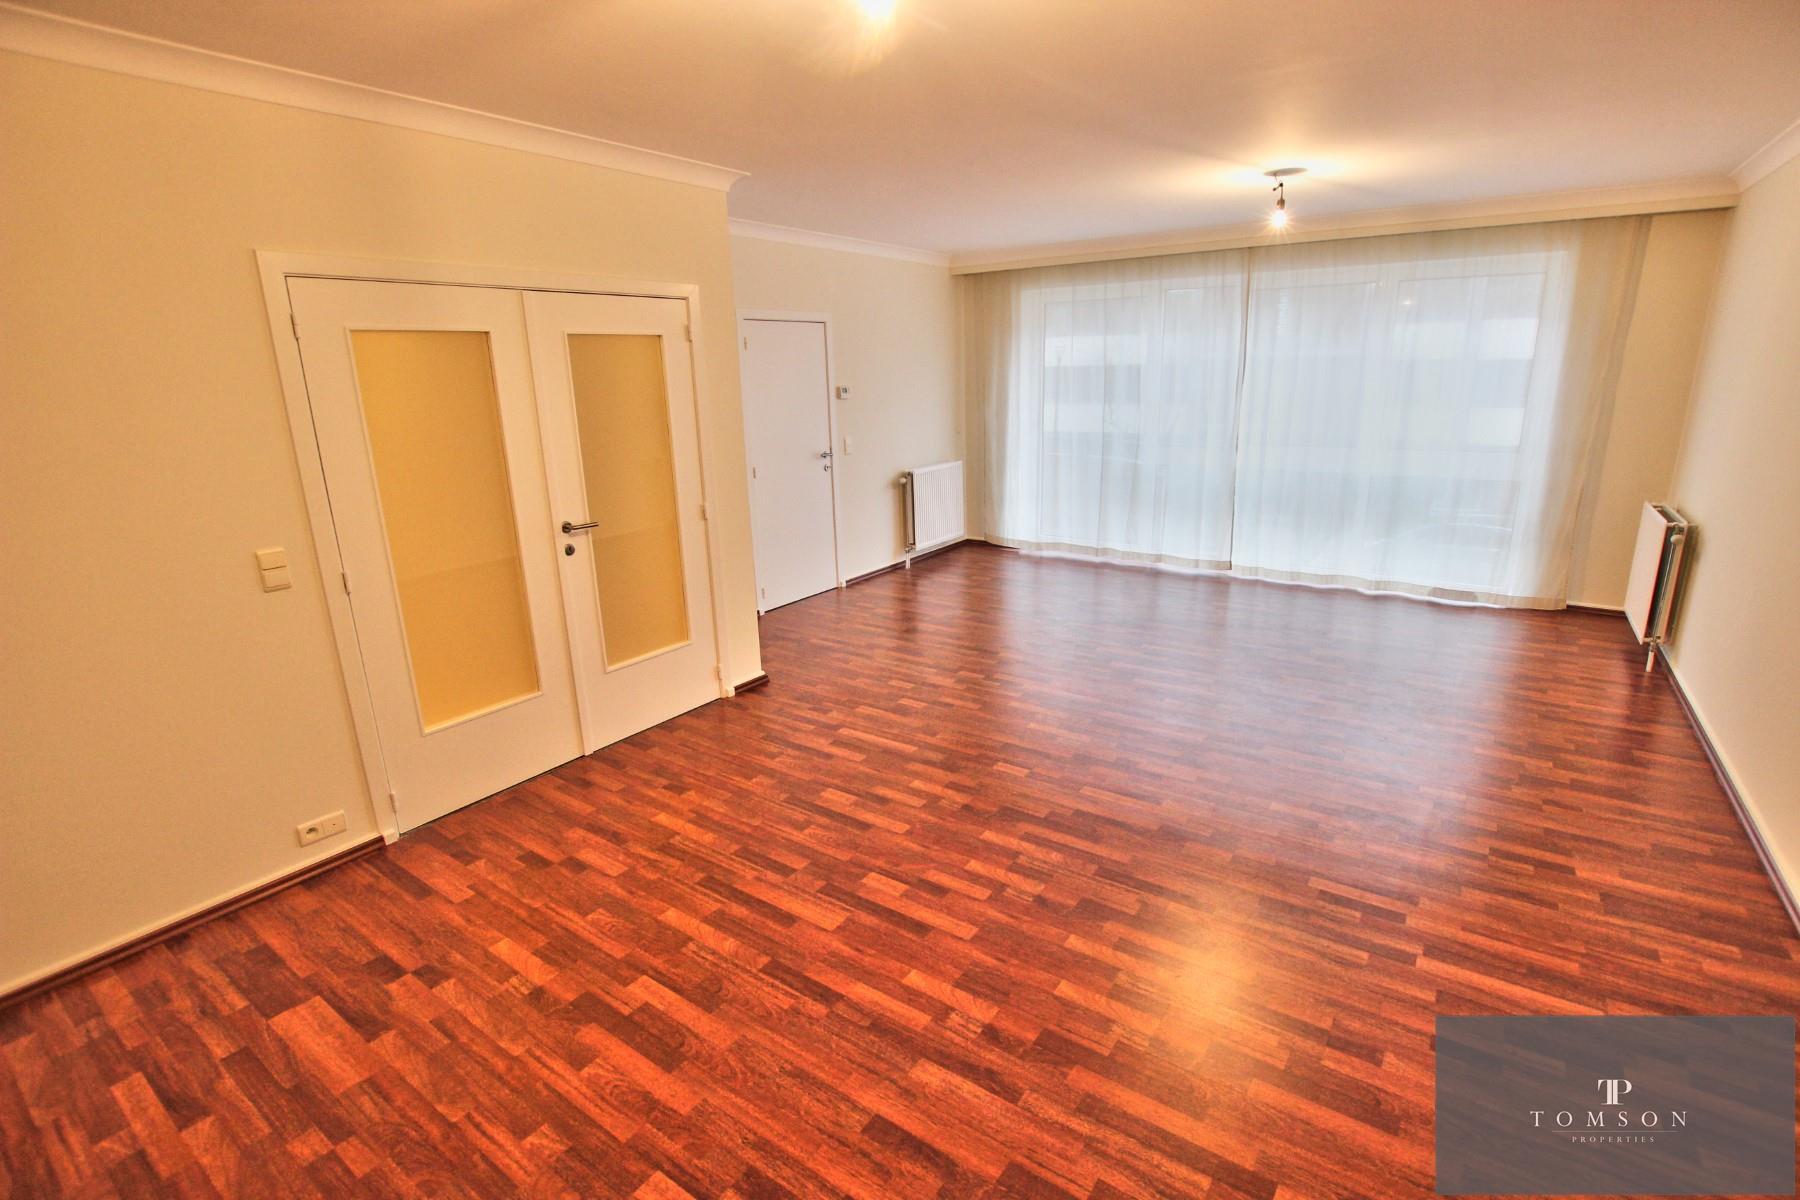 Appartement - Ixelles - #4142278-1